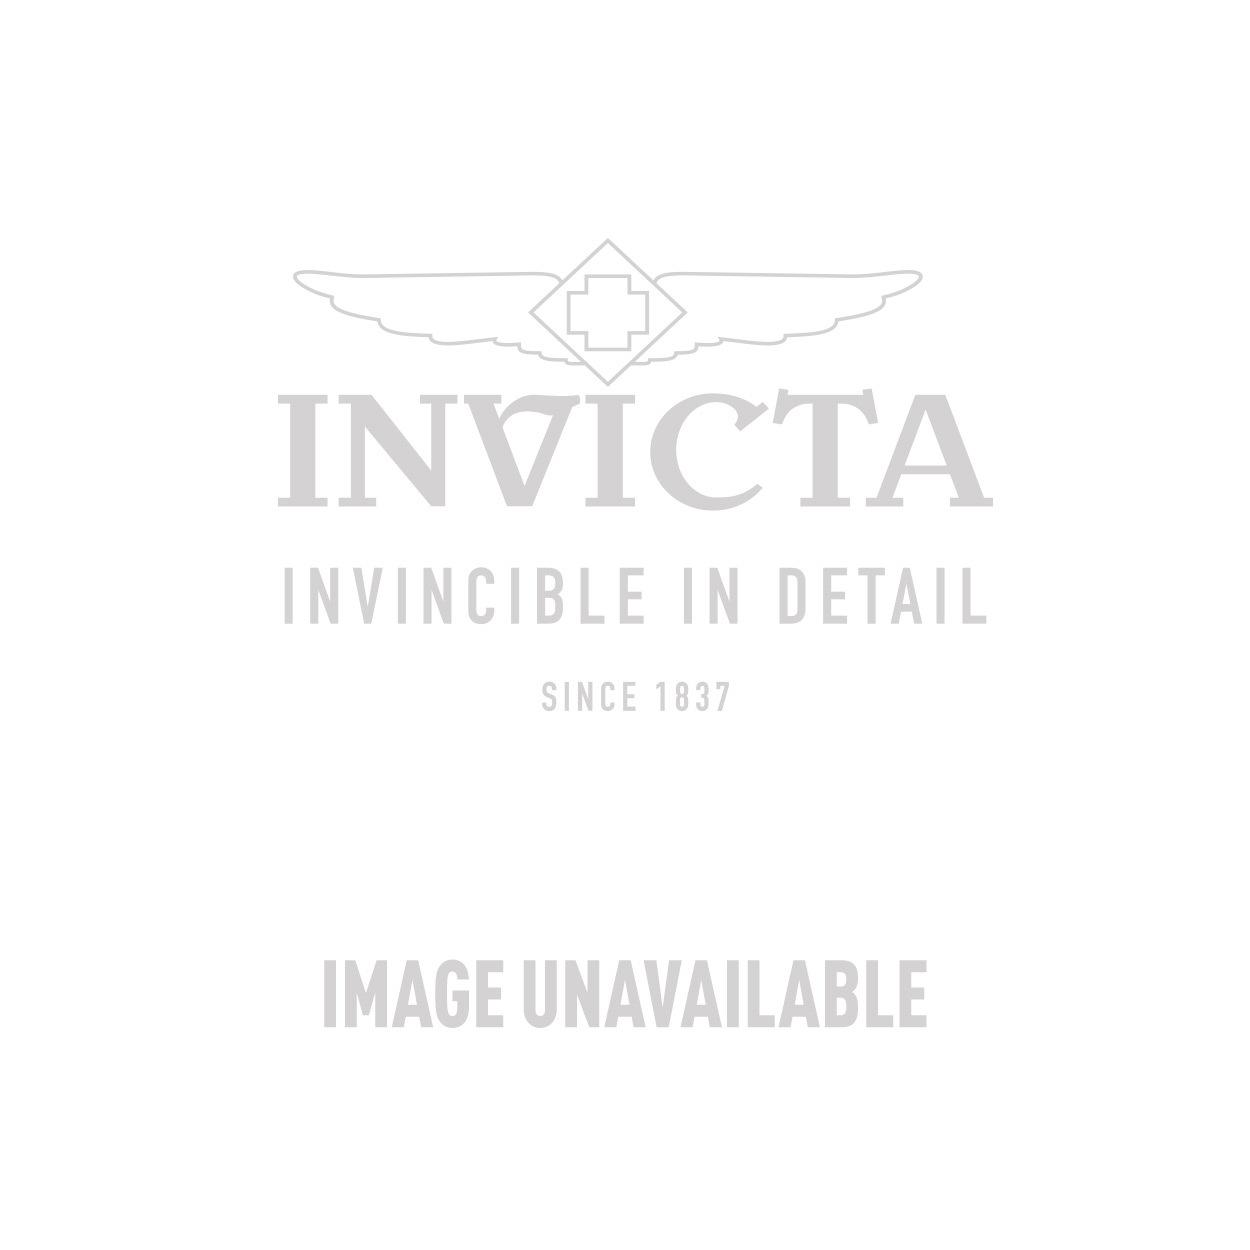 Invicta Model 25273